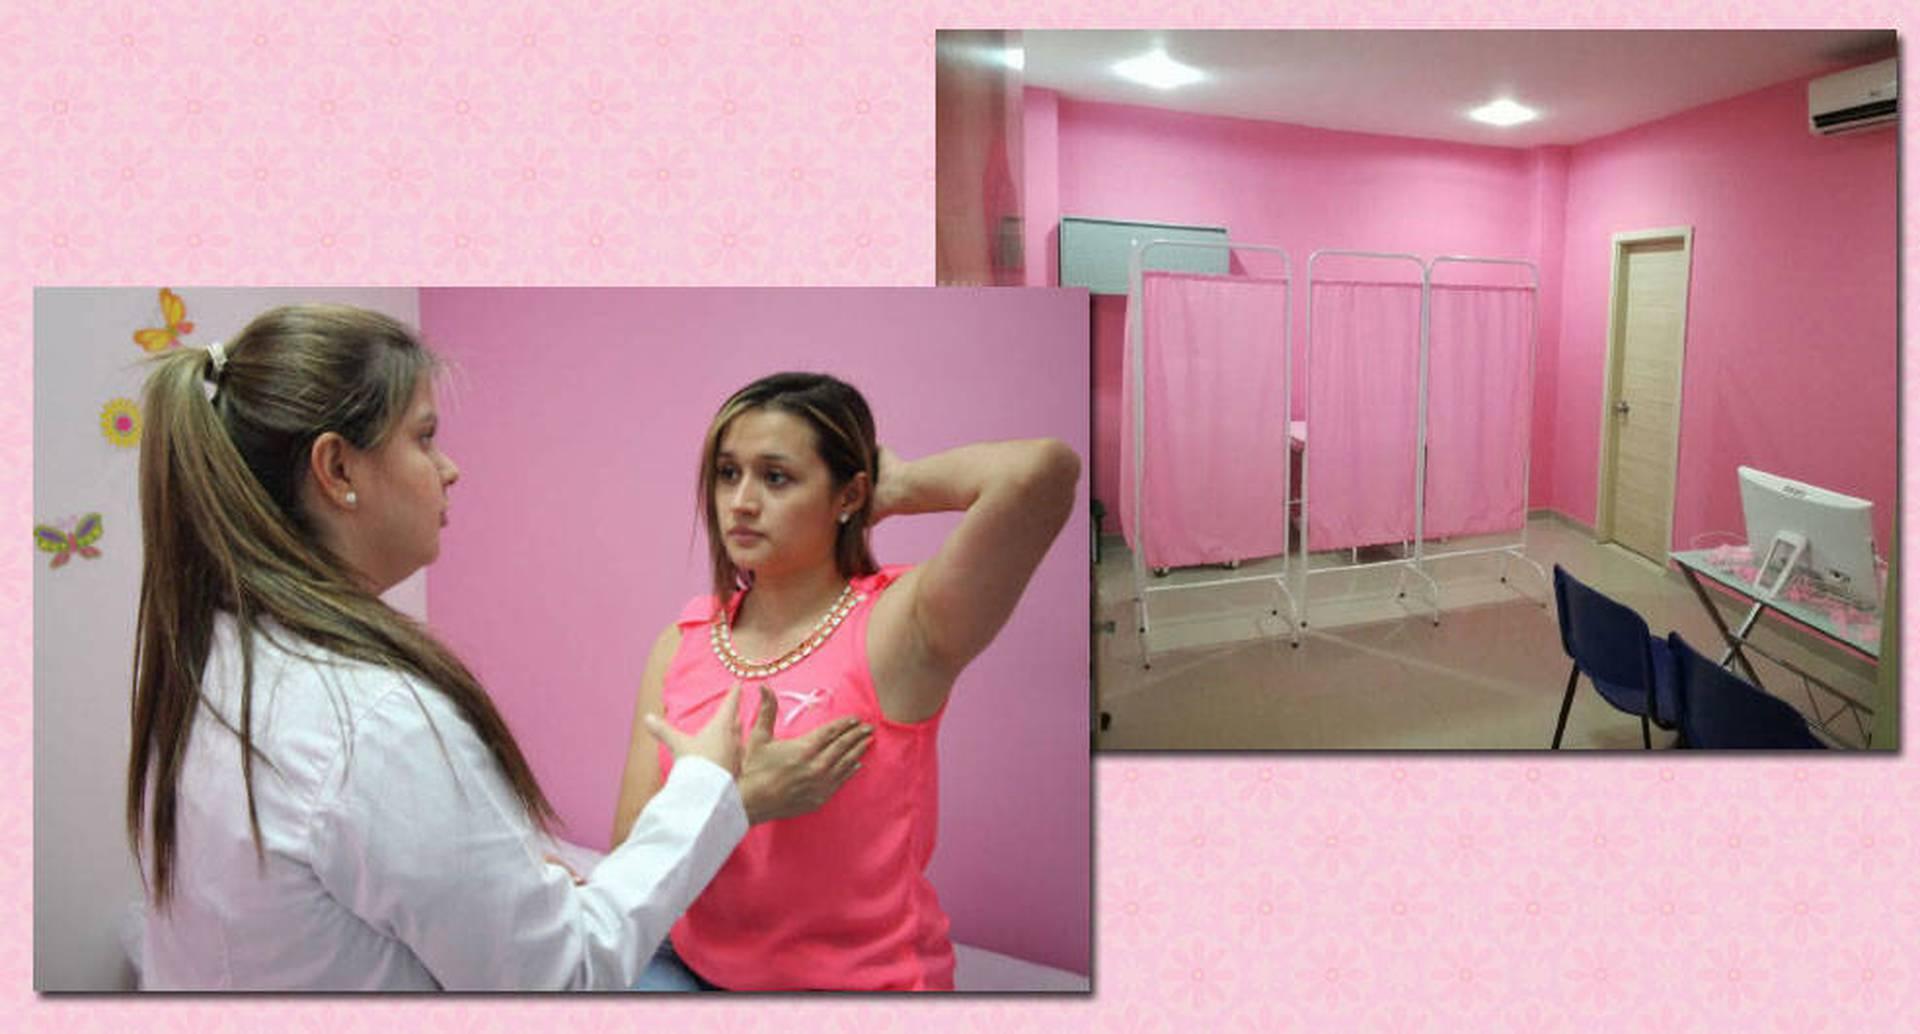 Estos espacios cuentan con personal especializado y, dependiendo del hospital, hay desde enfermeras hasta ginecólogos.